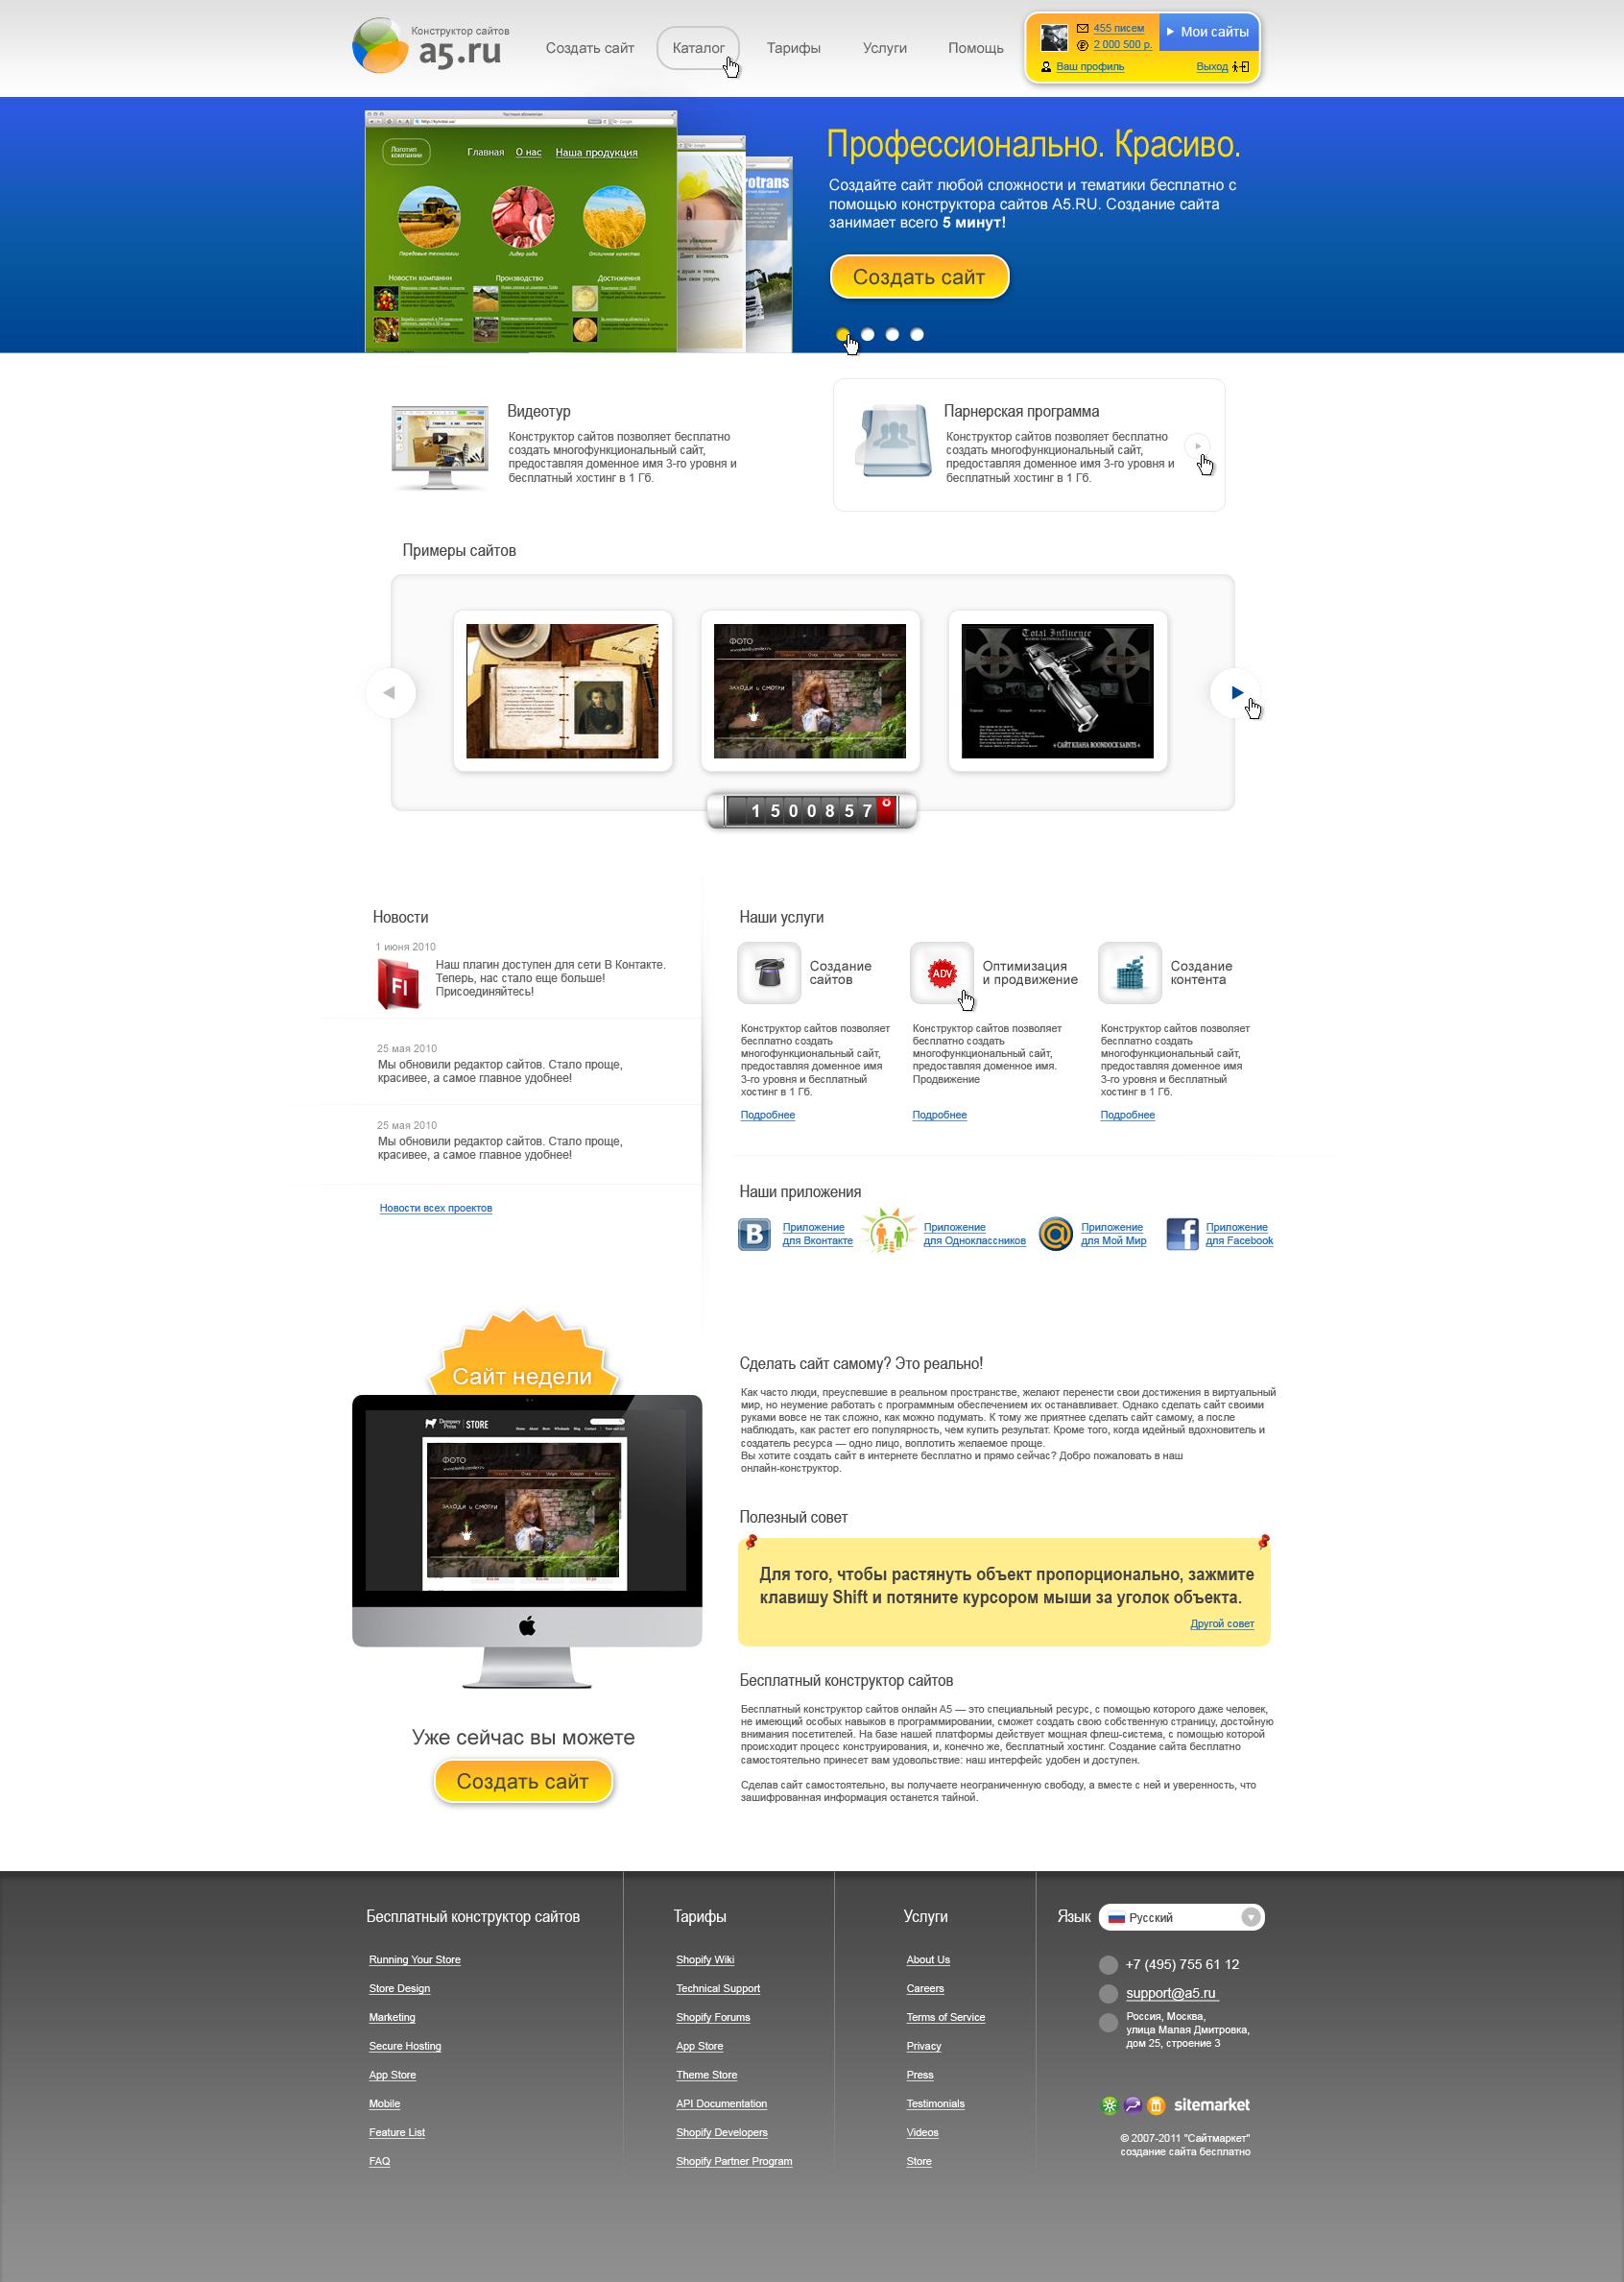 Программа конструктор создание сайтов бесплатно создание сайтов меню